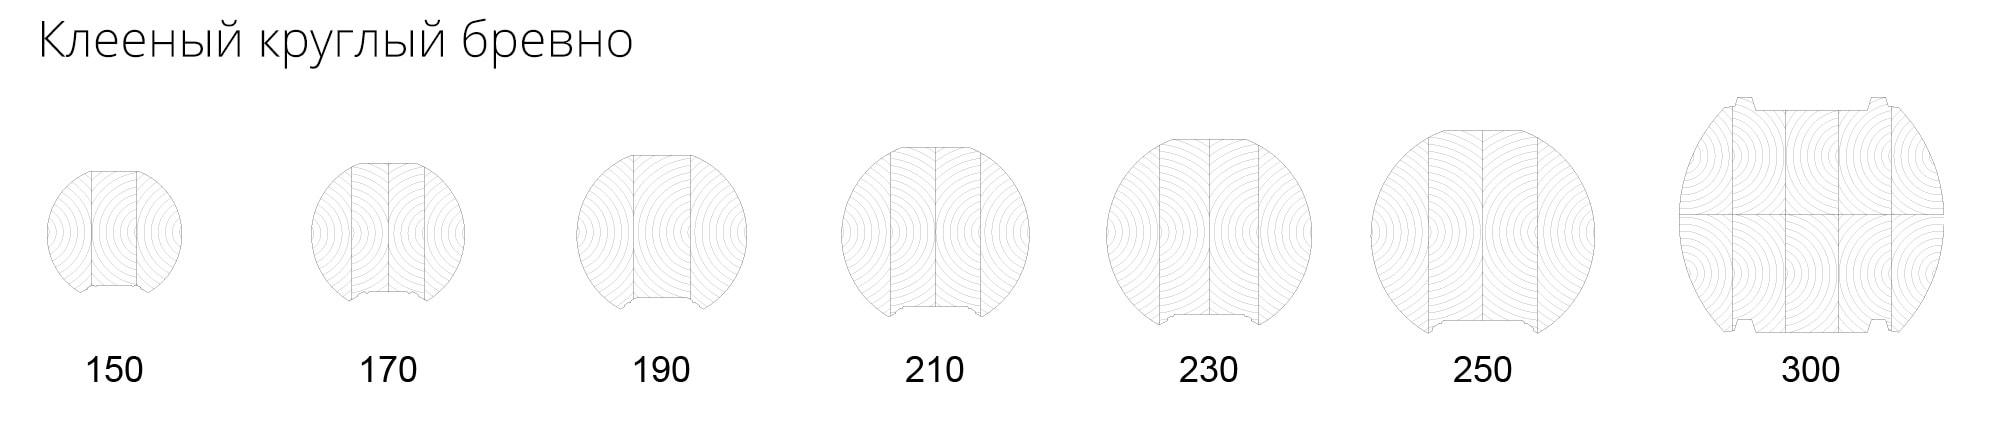 Клееный круглый бревнo